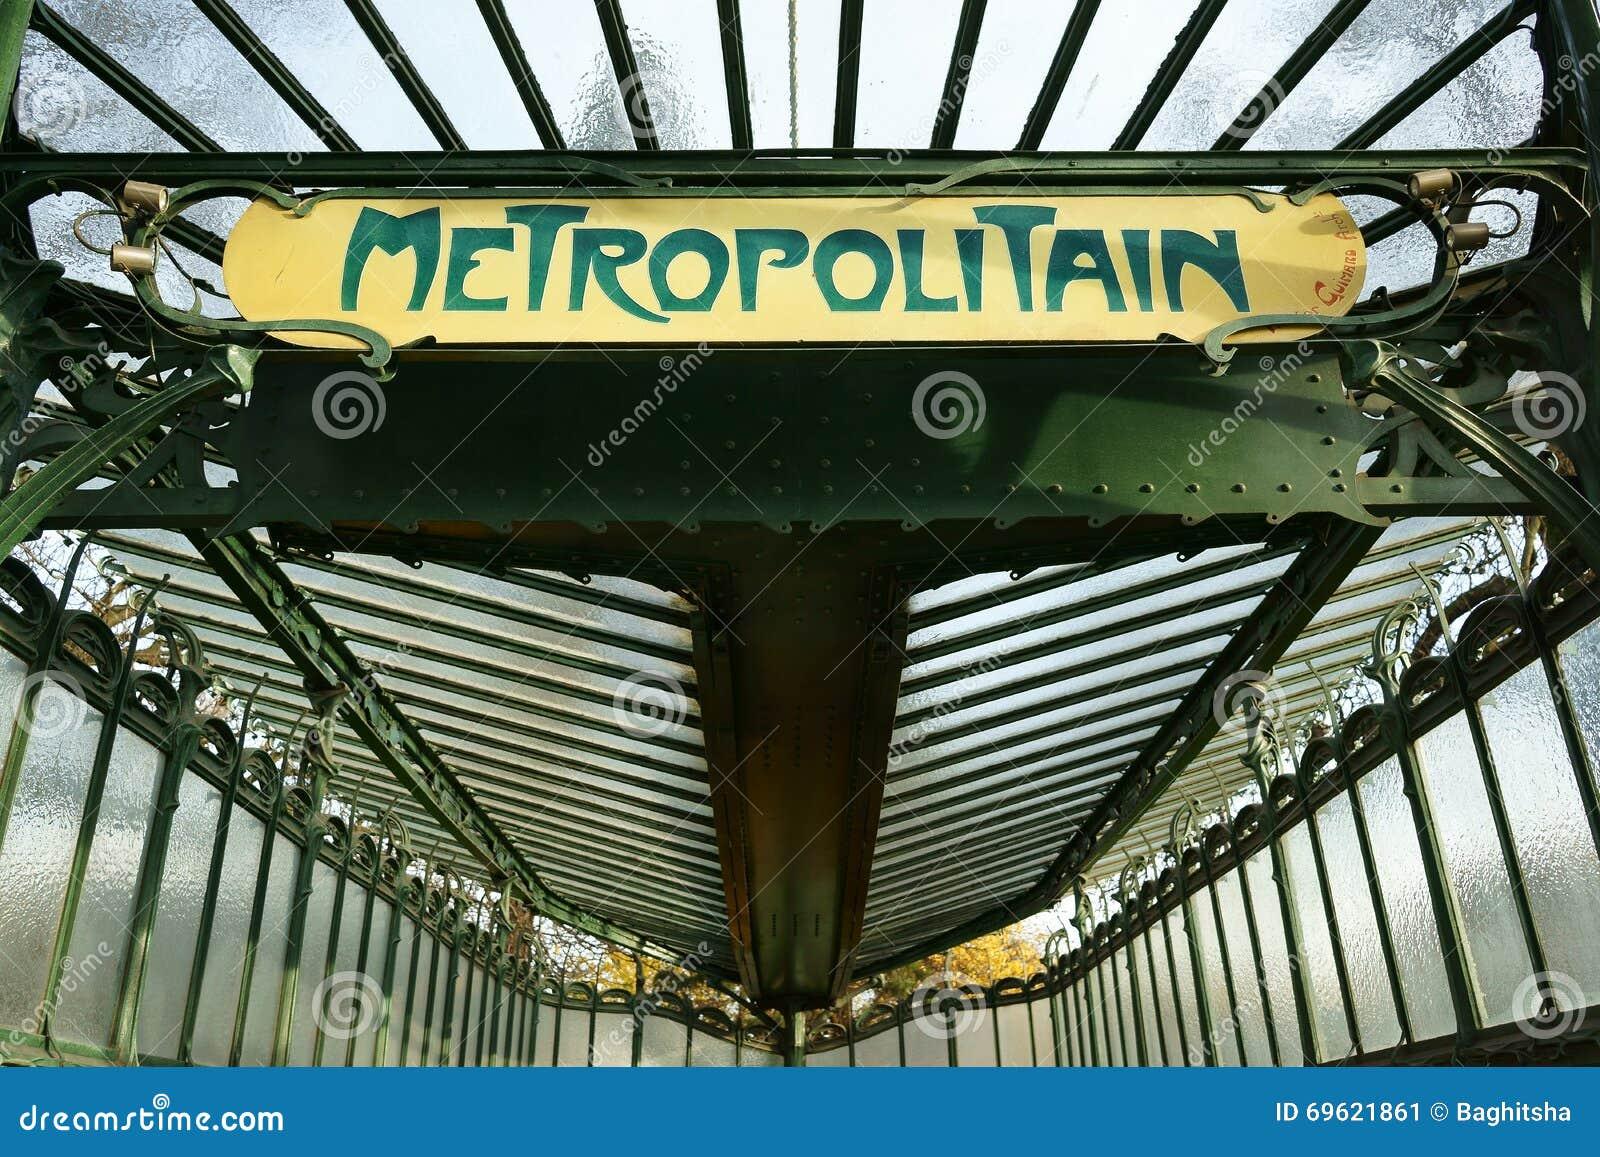 Detail Entrance Metro Art Nouveau Paris Editorial Photo - Image of ...